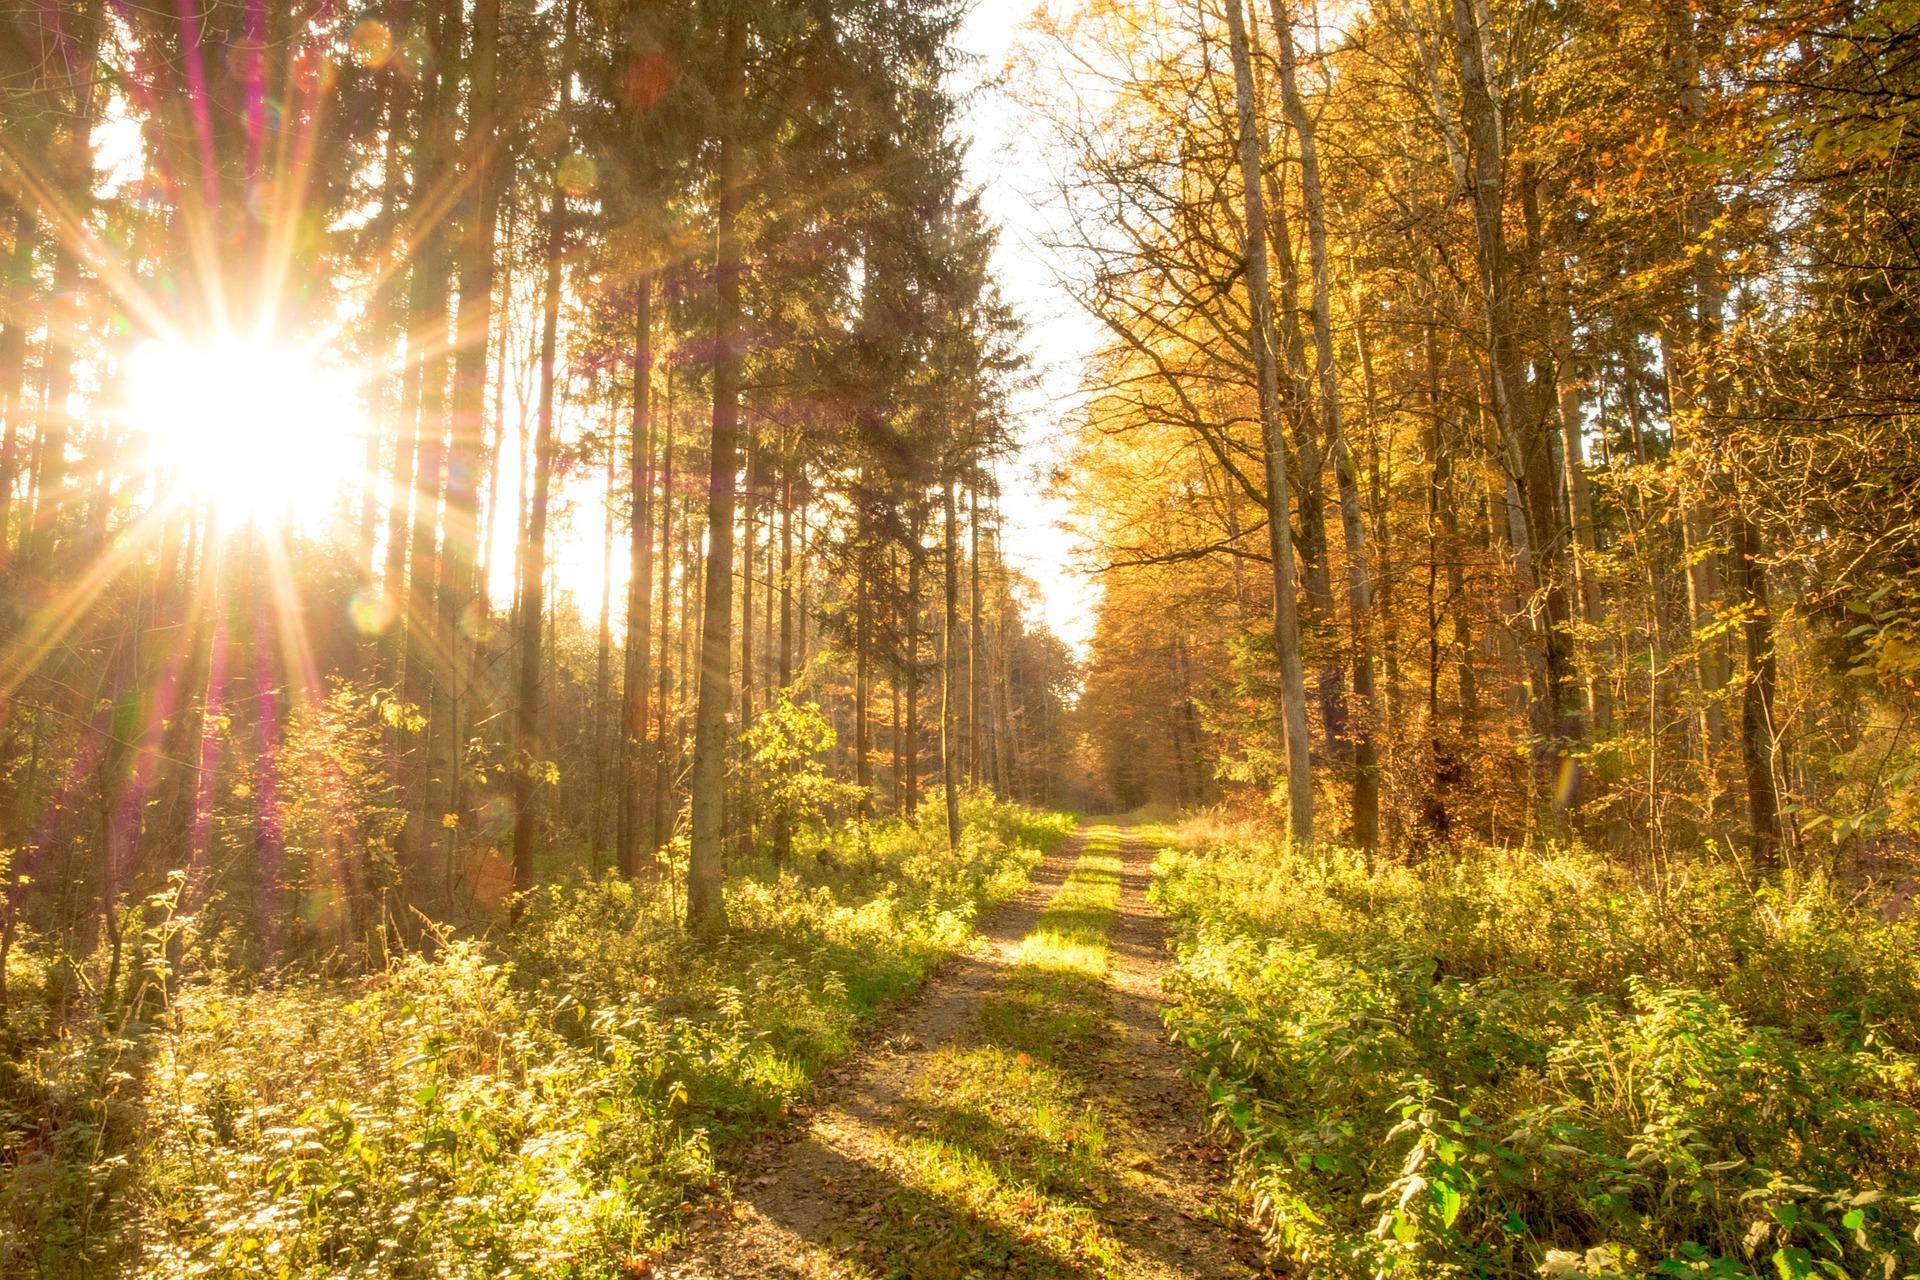 mindfull wandelcoaching ontspan in het nu